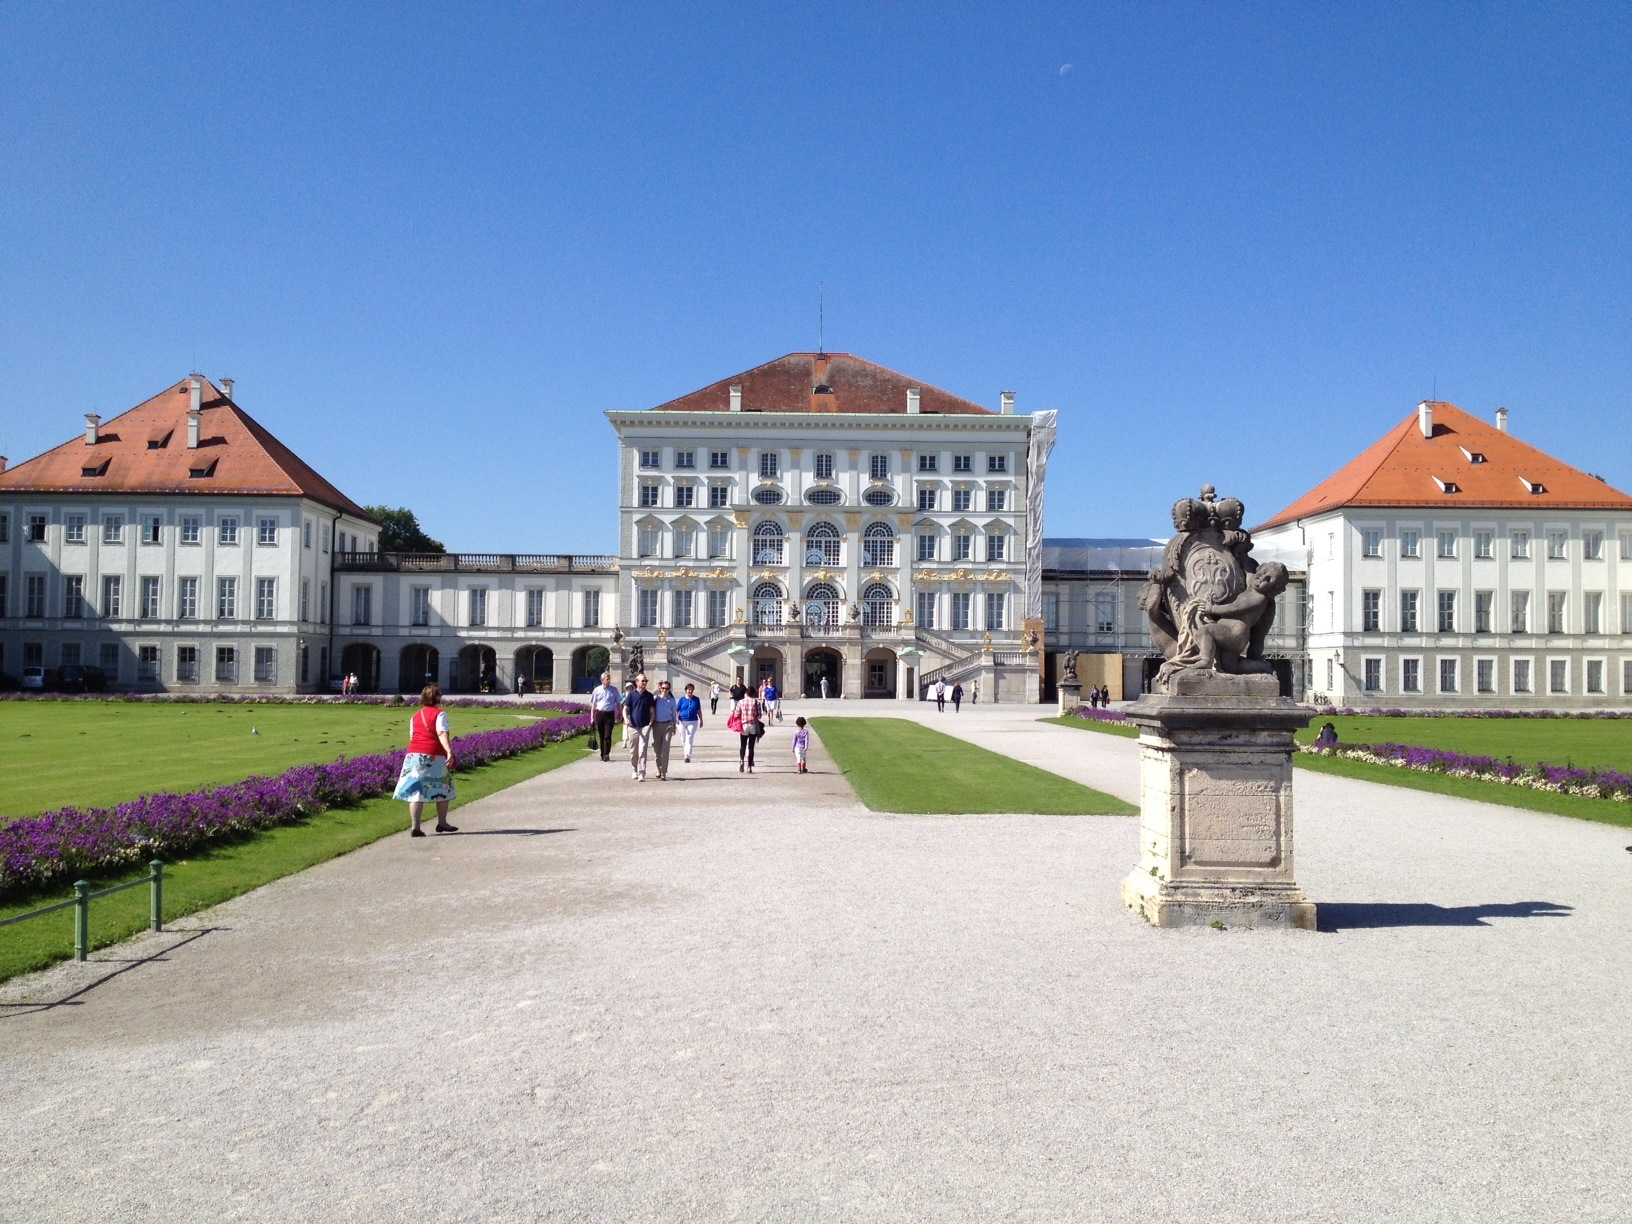 Museen Schlo 223 Nymphenburg 80638 M 252 Nchen